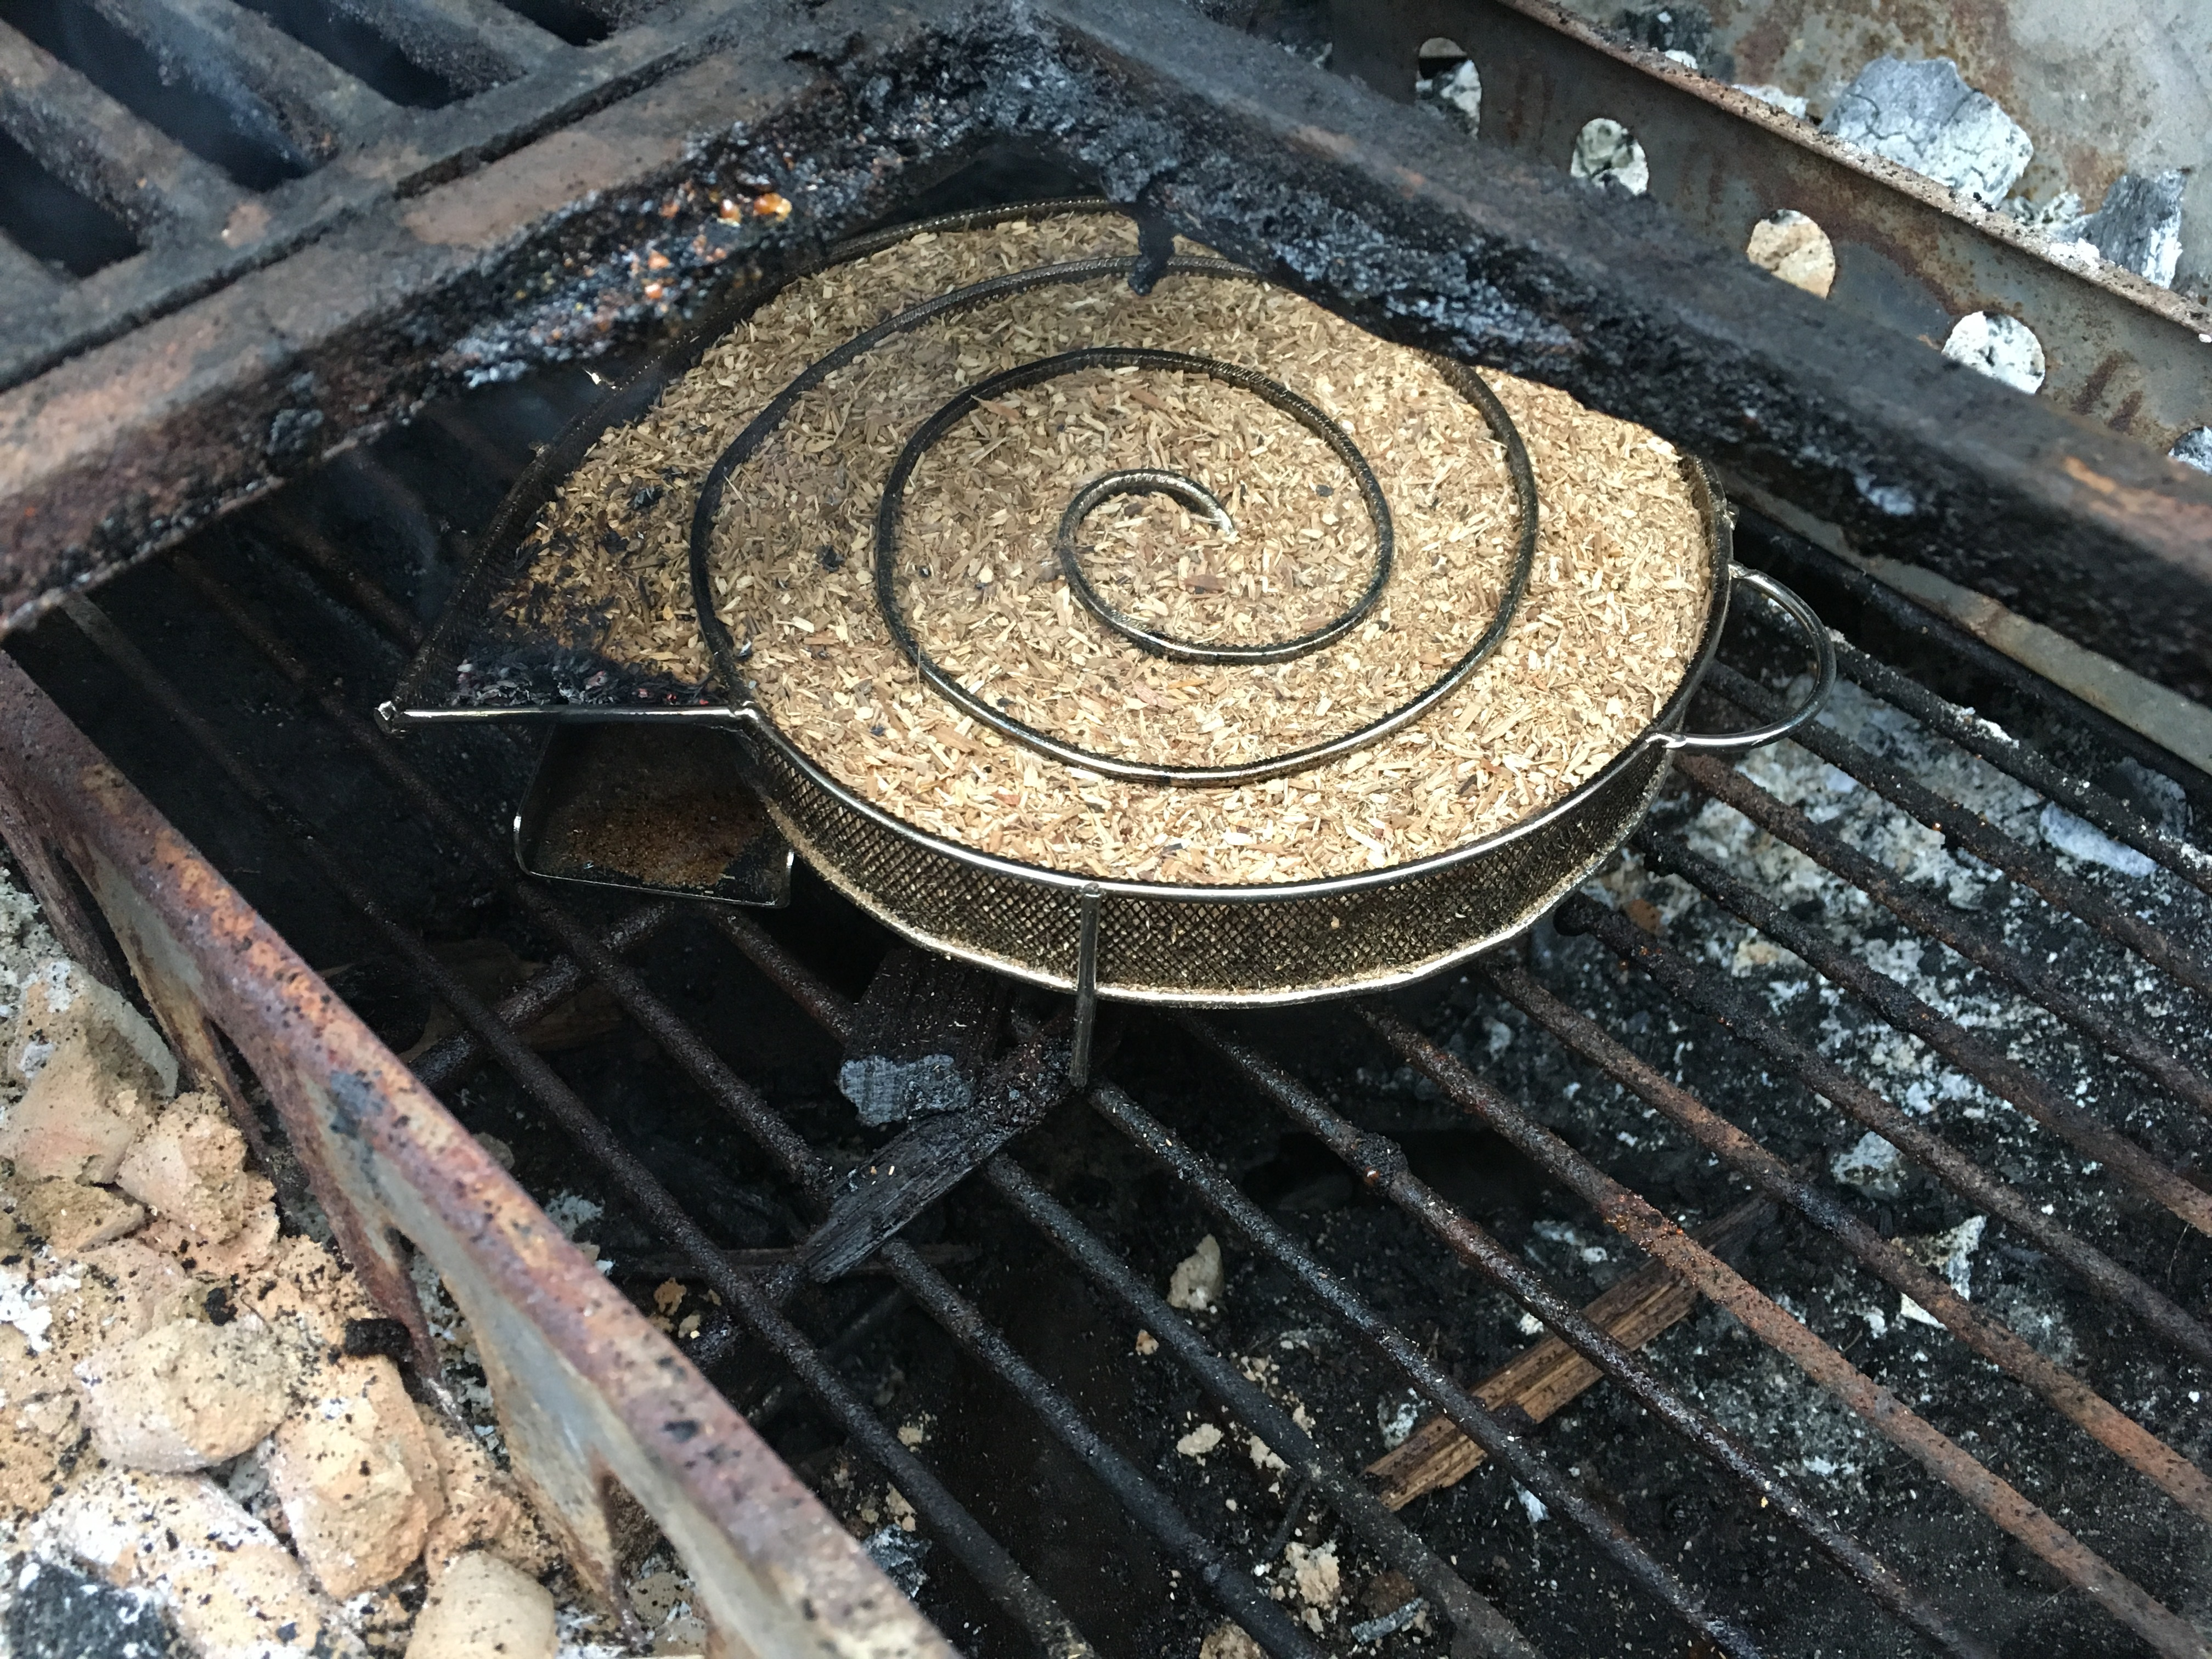 Den Holzkohlegrill zum Räuchern vorbereiten